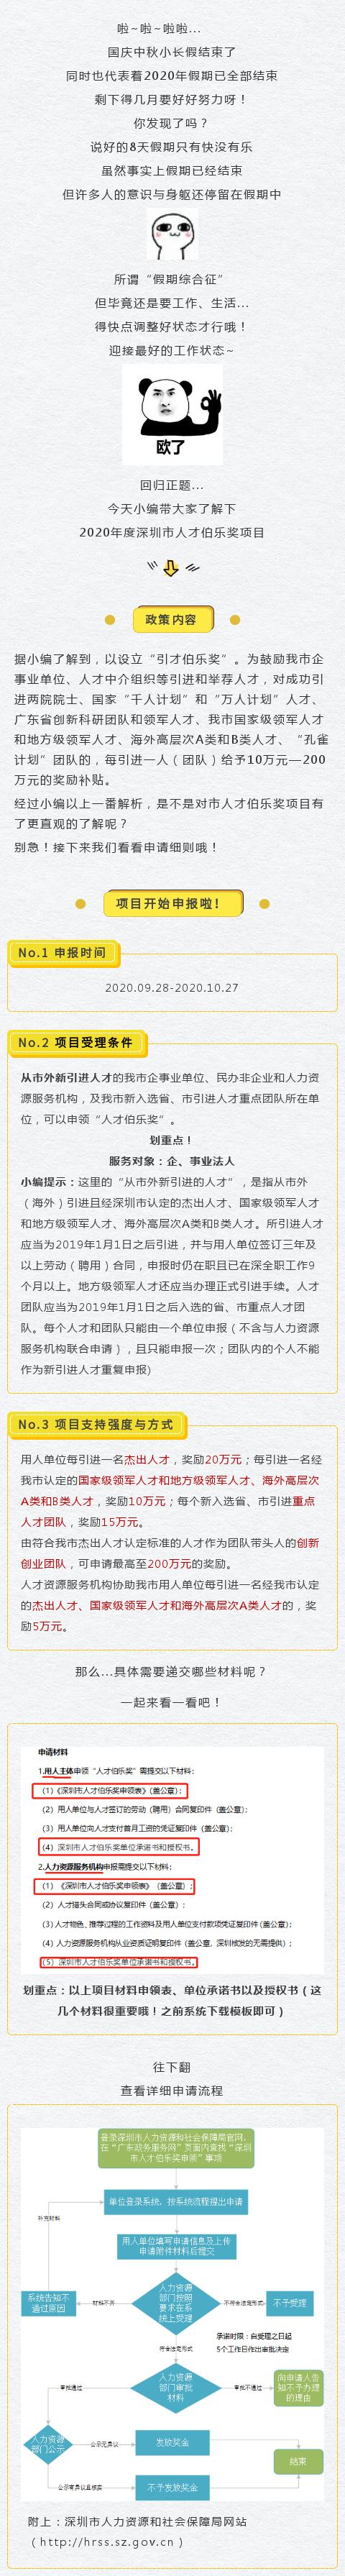 2020年度深圳市人才伯乐奖项目